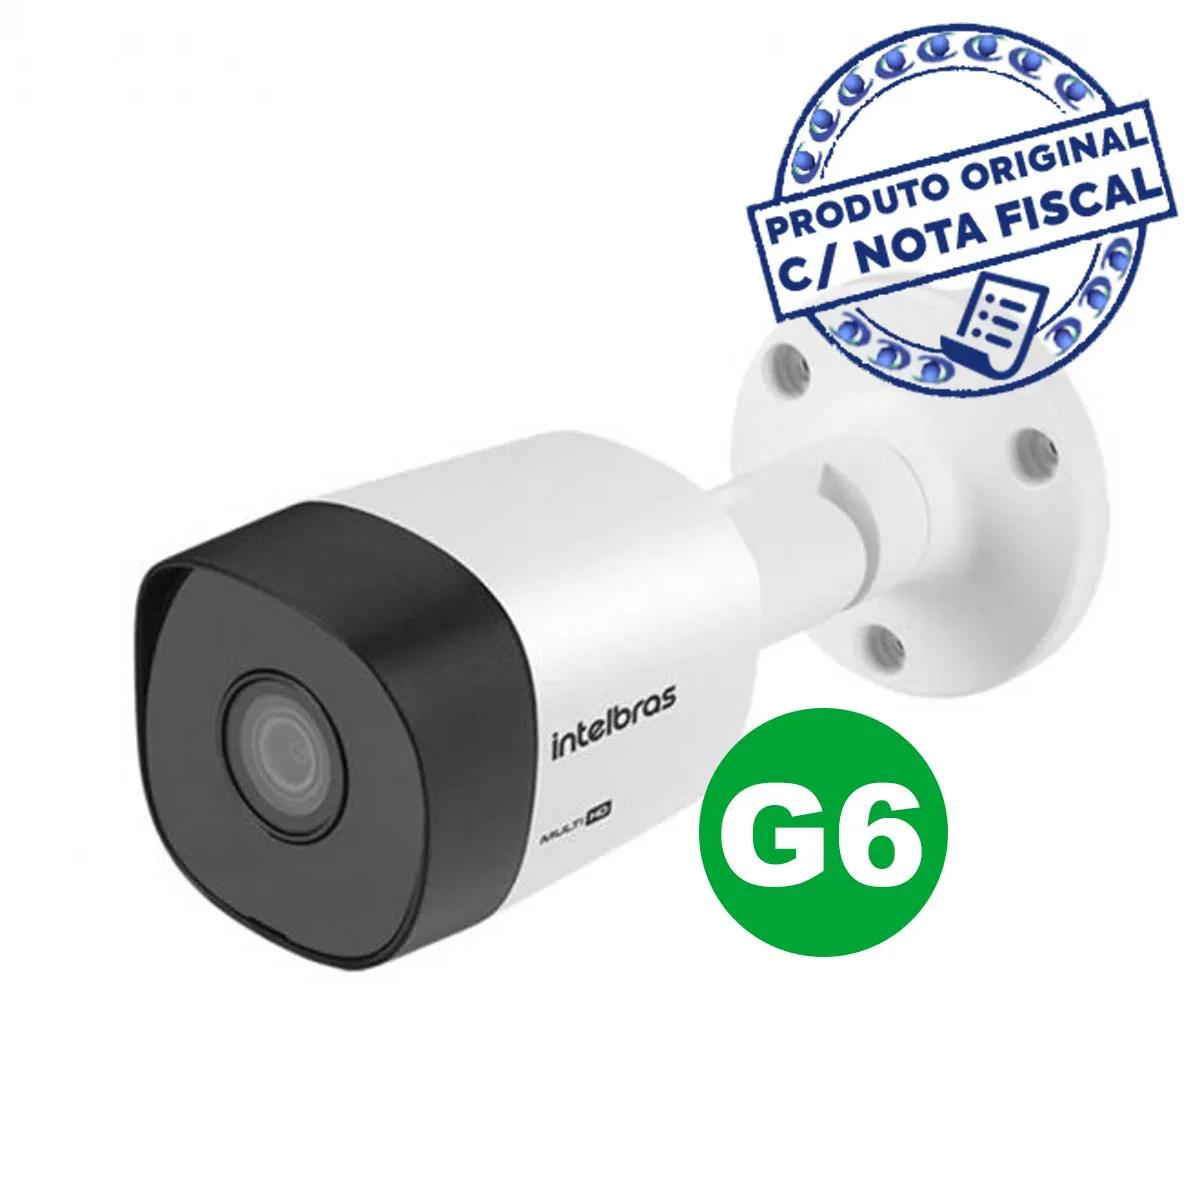 Kit CFTV 08 câmeras Vhd 3120 B  G6 + DVR 1108 C/ HD 1TB + Cabo de Brinde